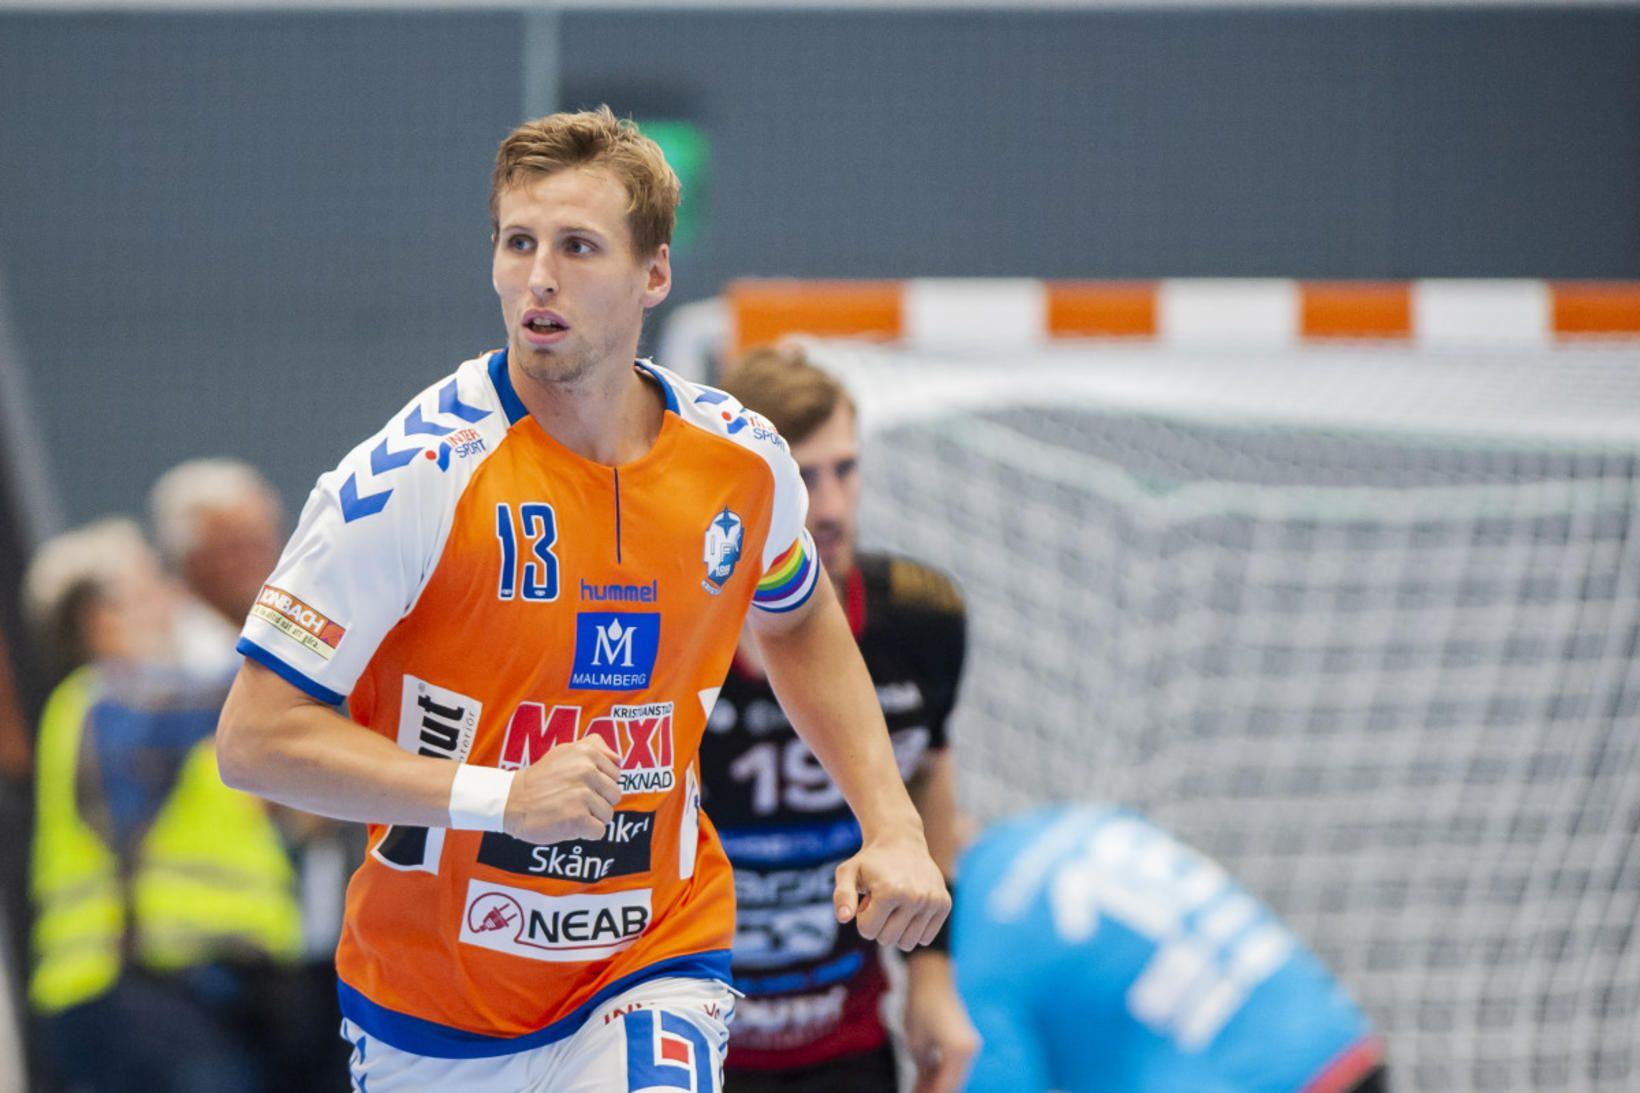 Ólafur Andrés Guðmundsson skoraði 9 mörk í kvöld.